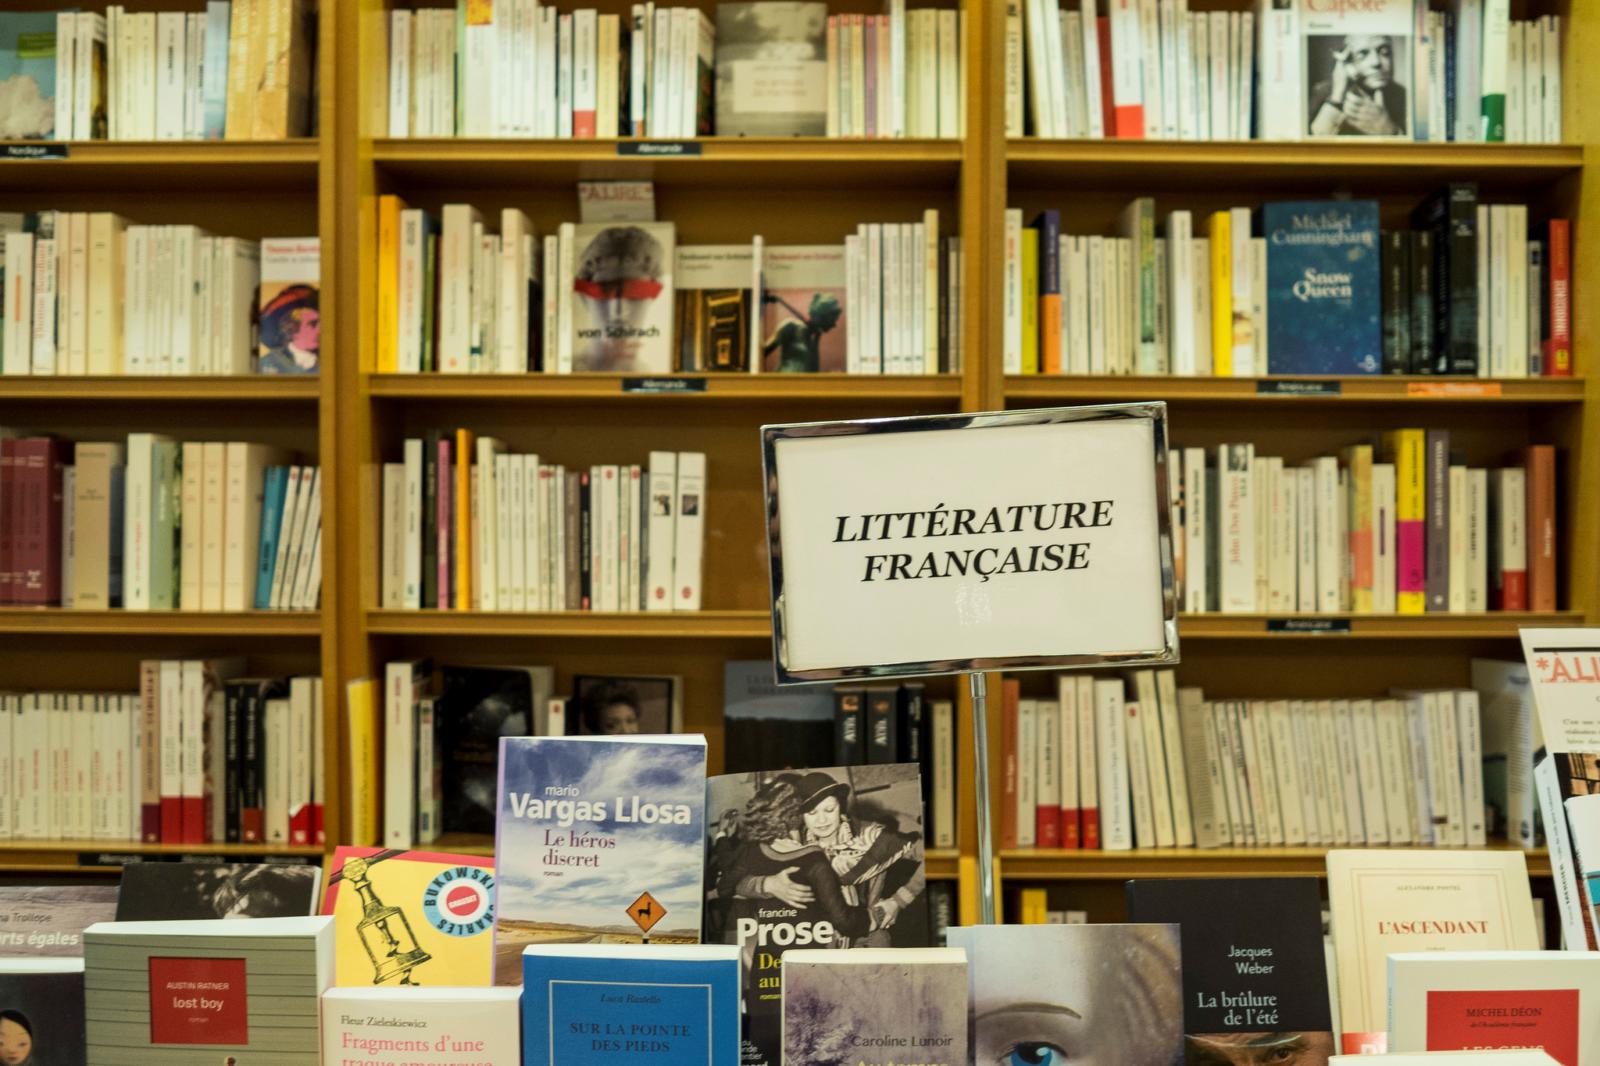 圣彼得堡国立大学本科专业《法国文学》详细介绍!插图-小狮座俄罗斯留学